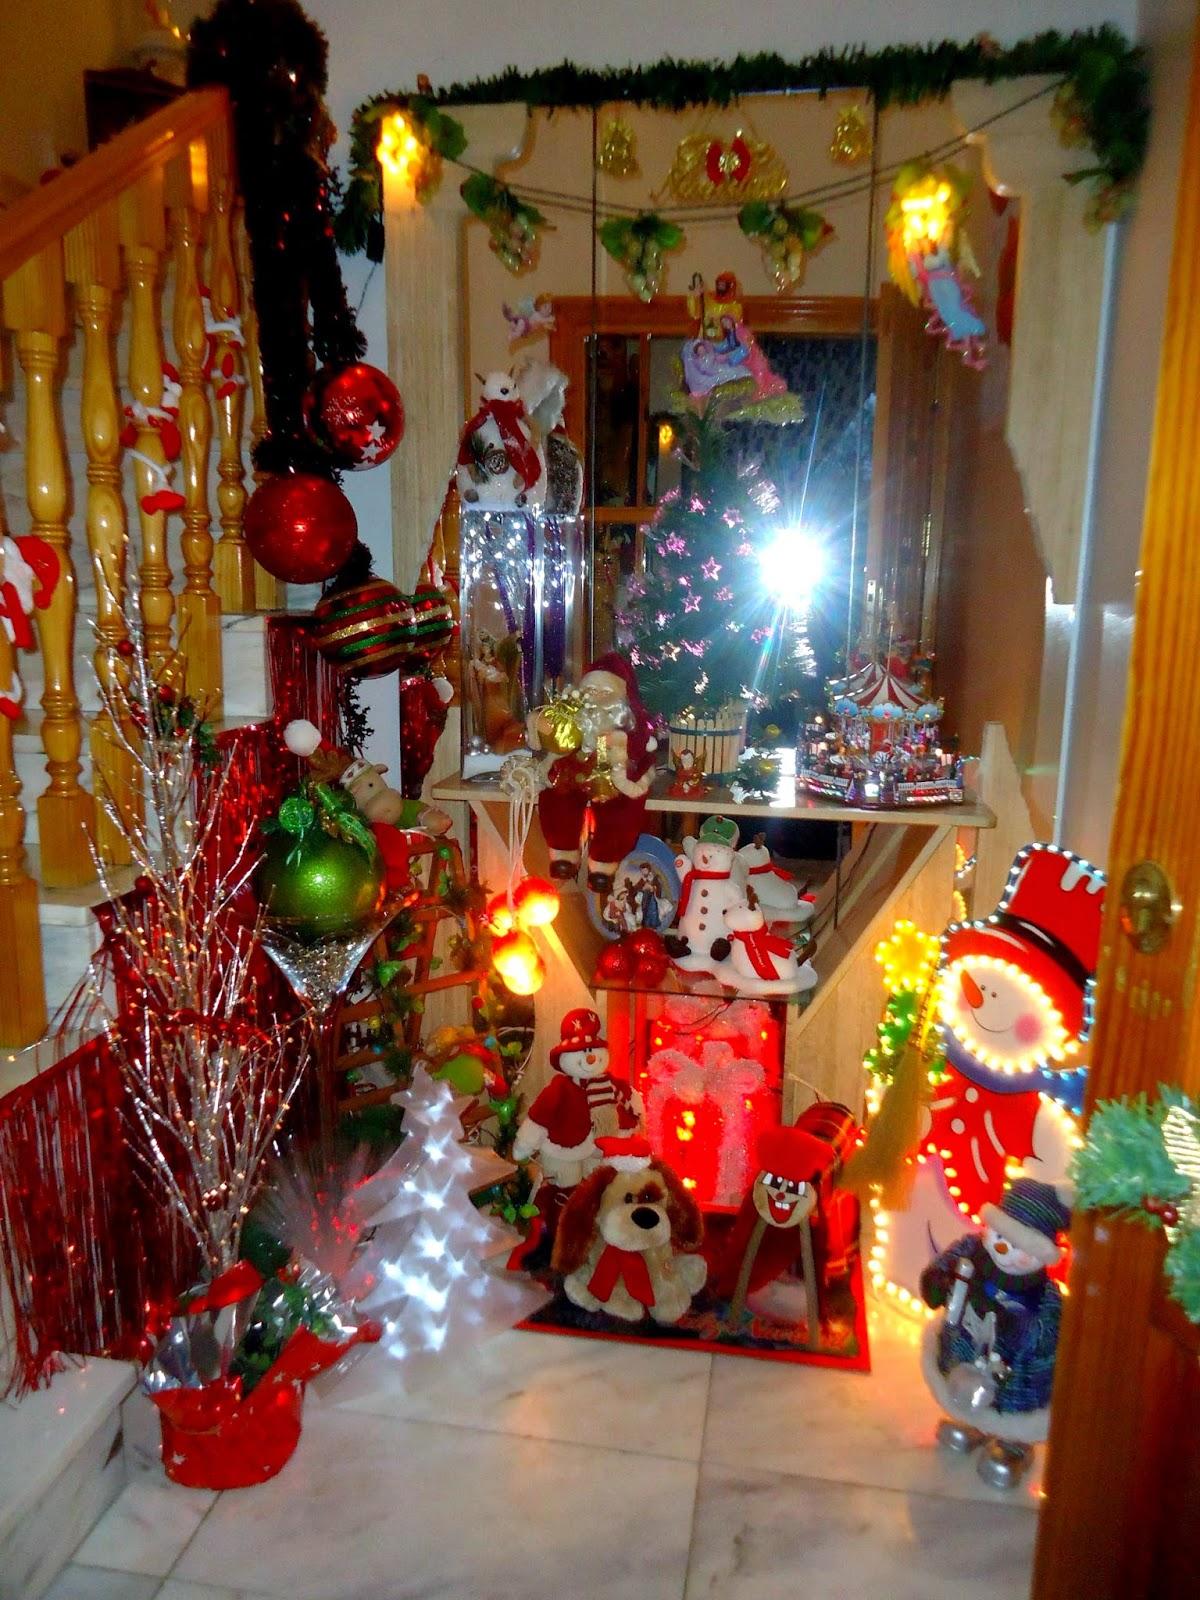 Centro de estudios borjanos decoraci n navide a en una casa de magall n - Decoracion navidena de casas ...